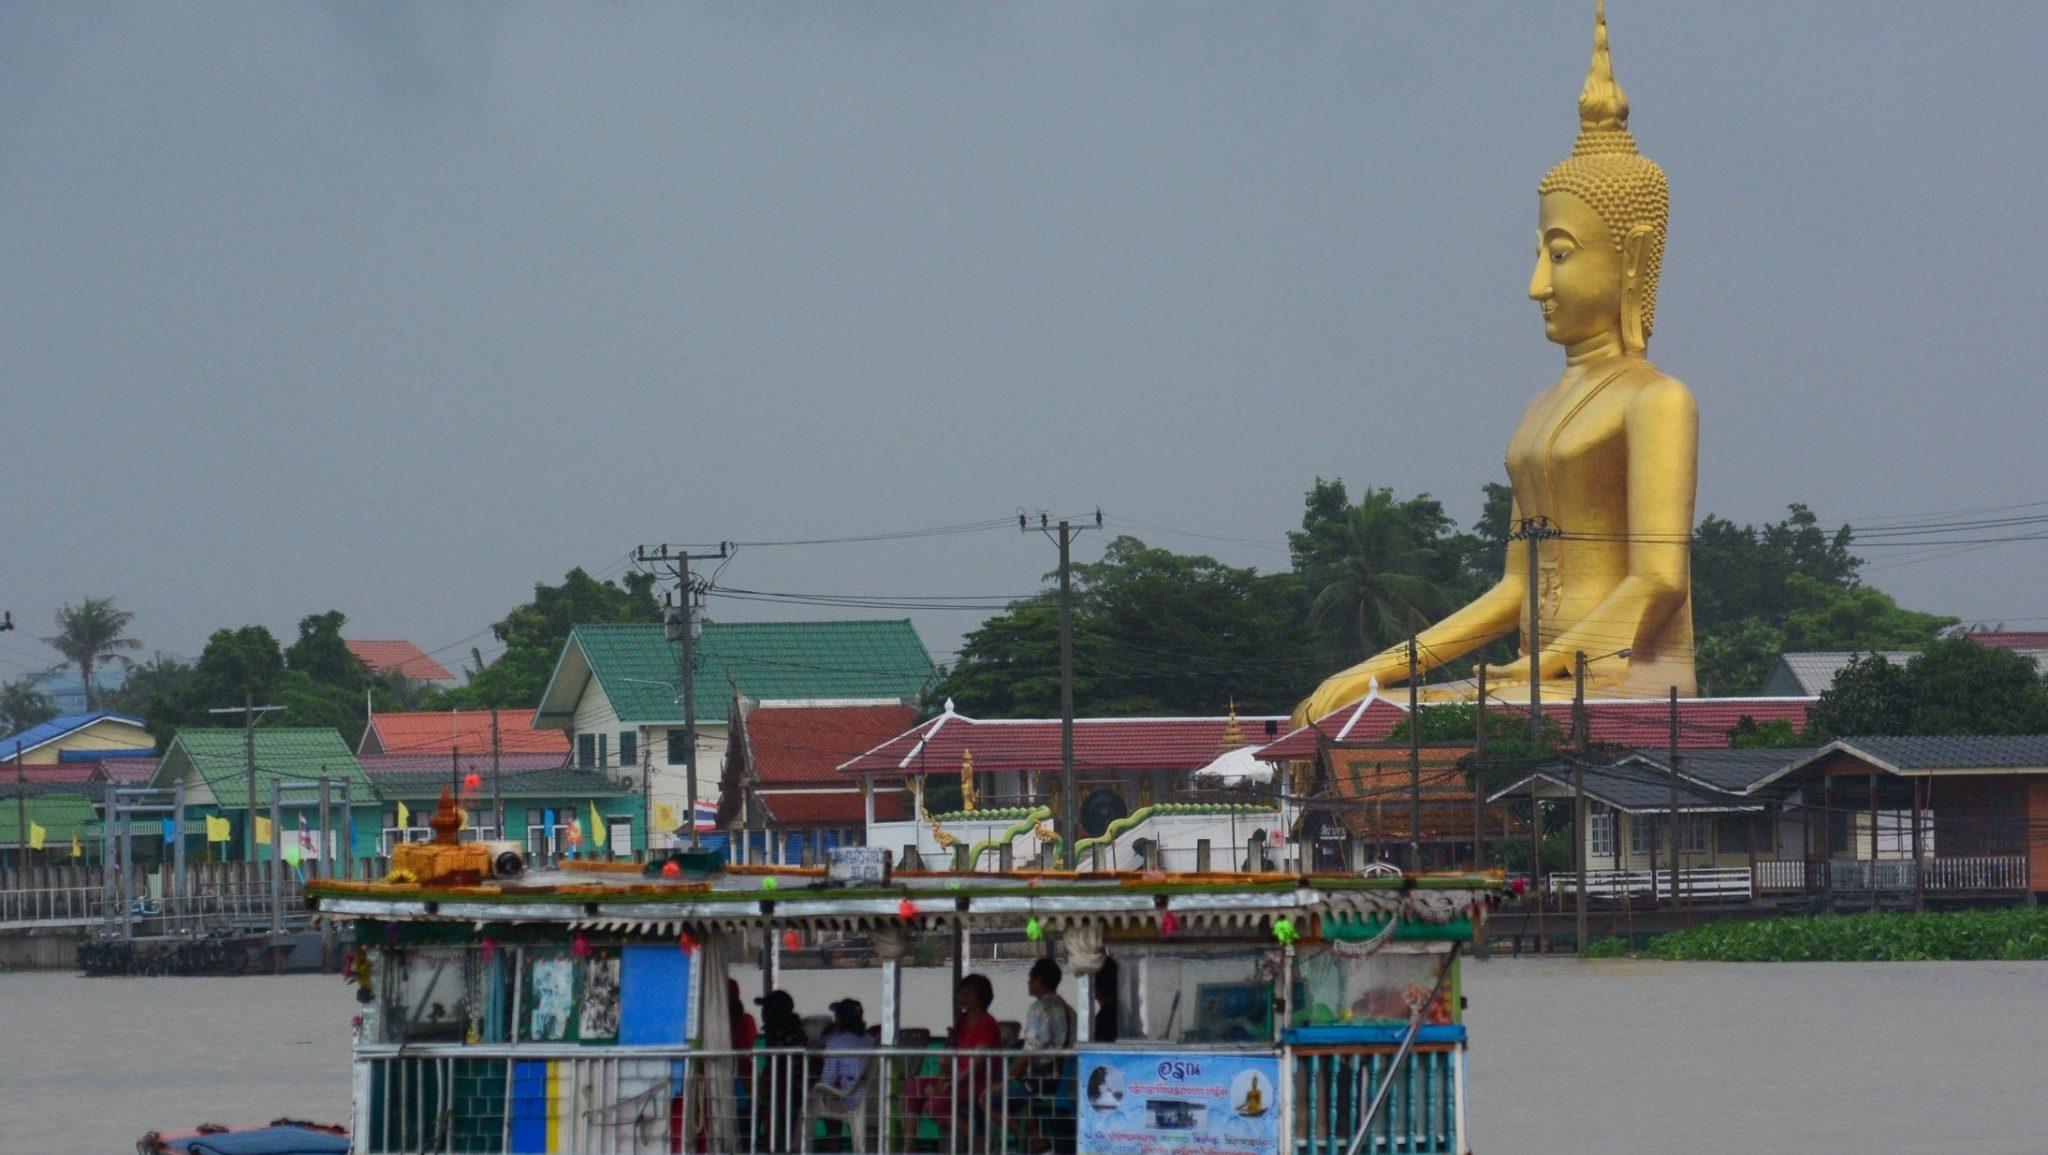 กรมส่งเสริมอุตสาหกรรม ข่าวจังหวัดนนทบุรี ข่าวสดวันนี้ หมู่บ้าน CIV เกาะเกร็ด